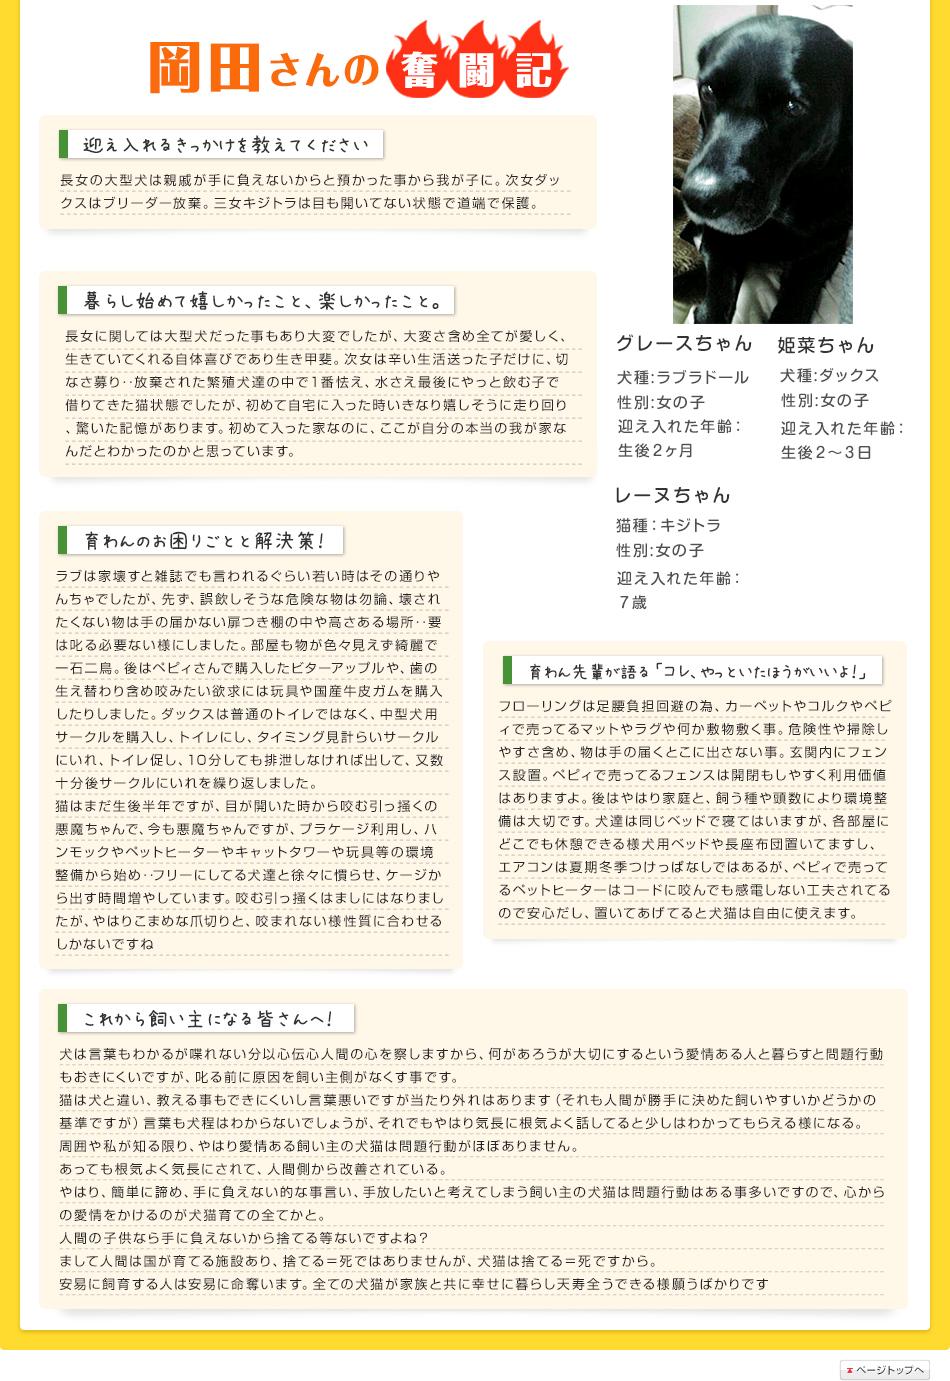 岡田さんの奮闘記